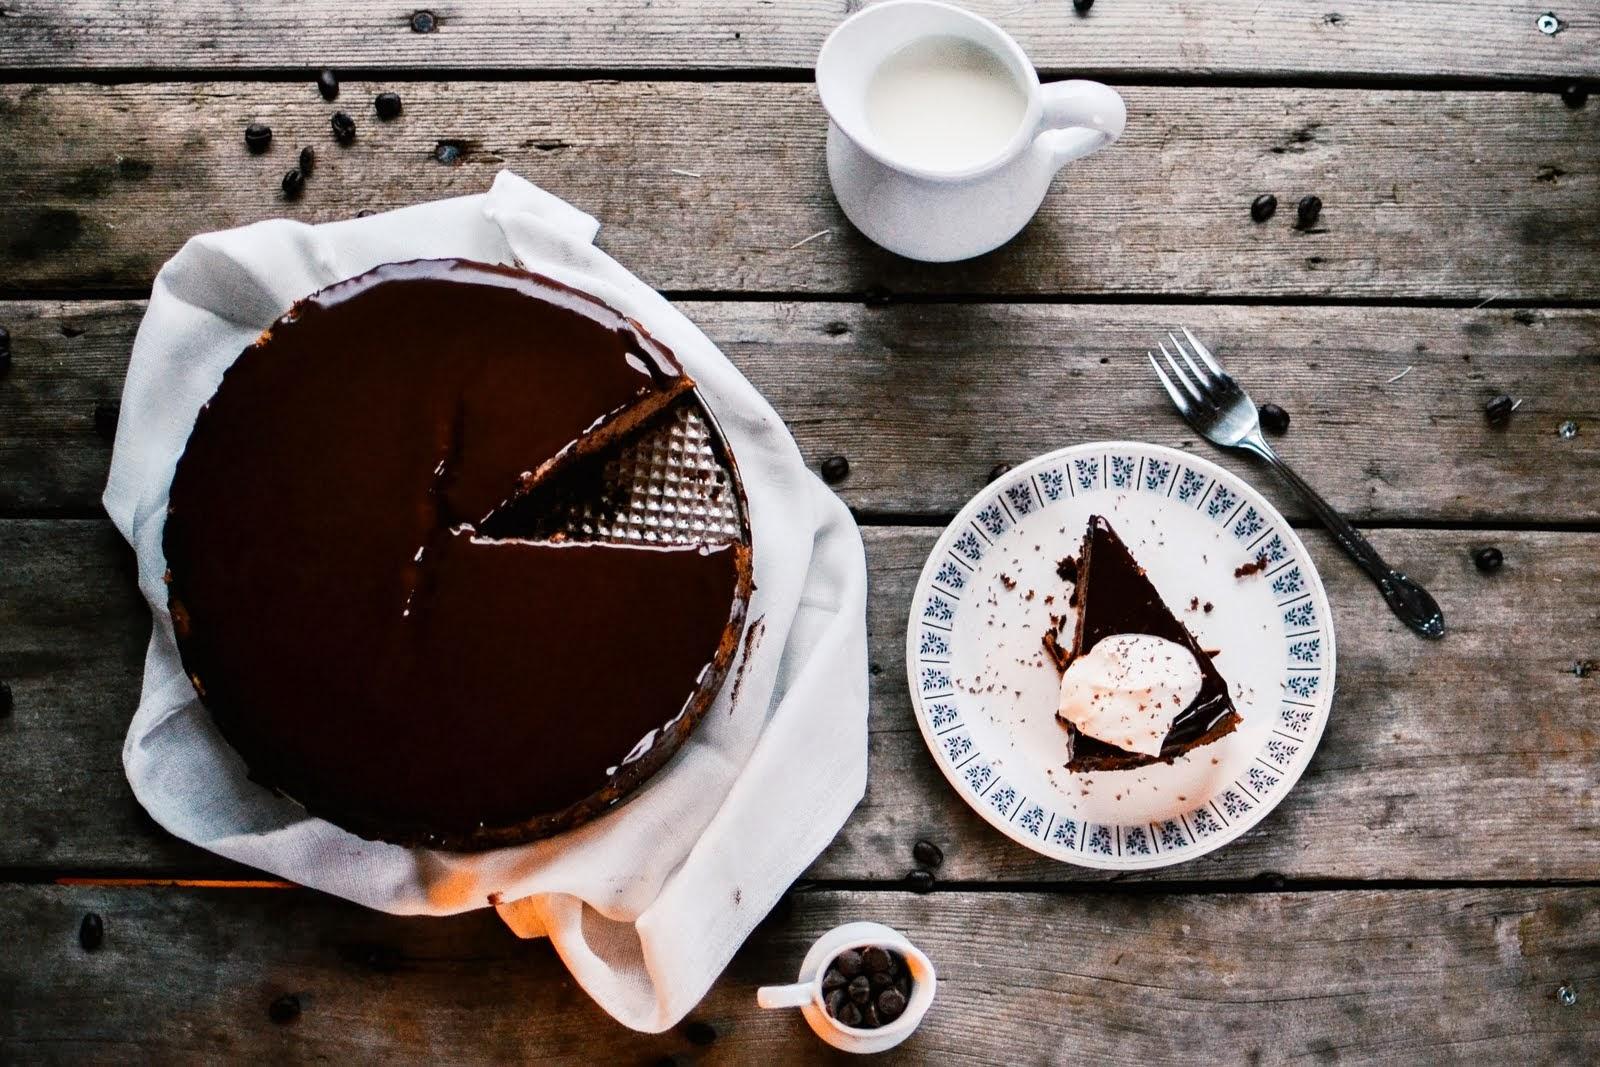 mocha+cheesecake-32.jpg